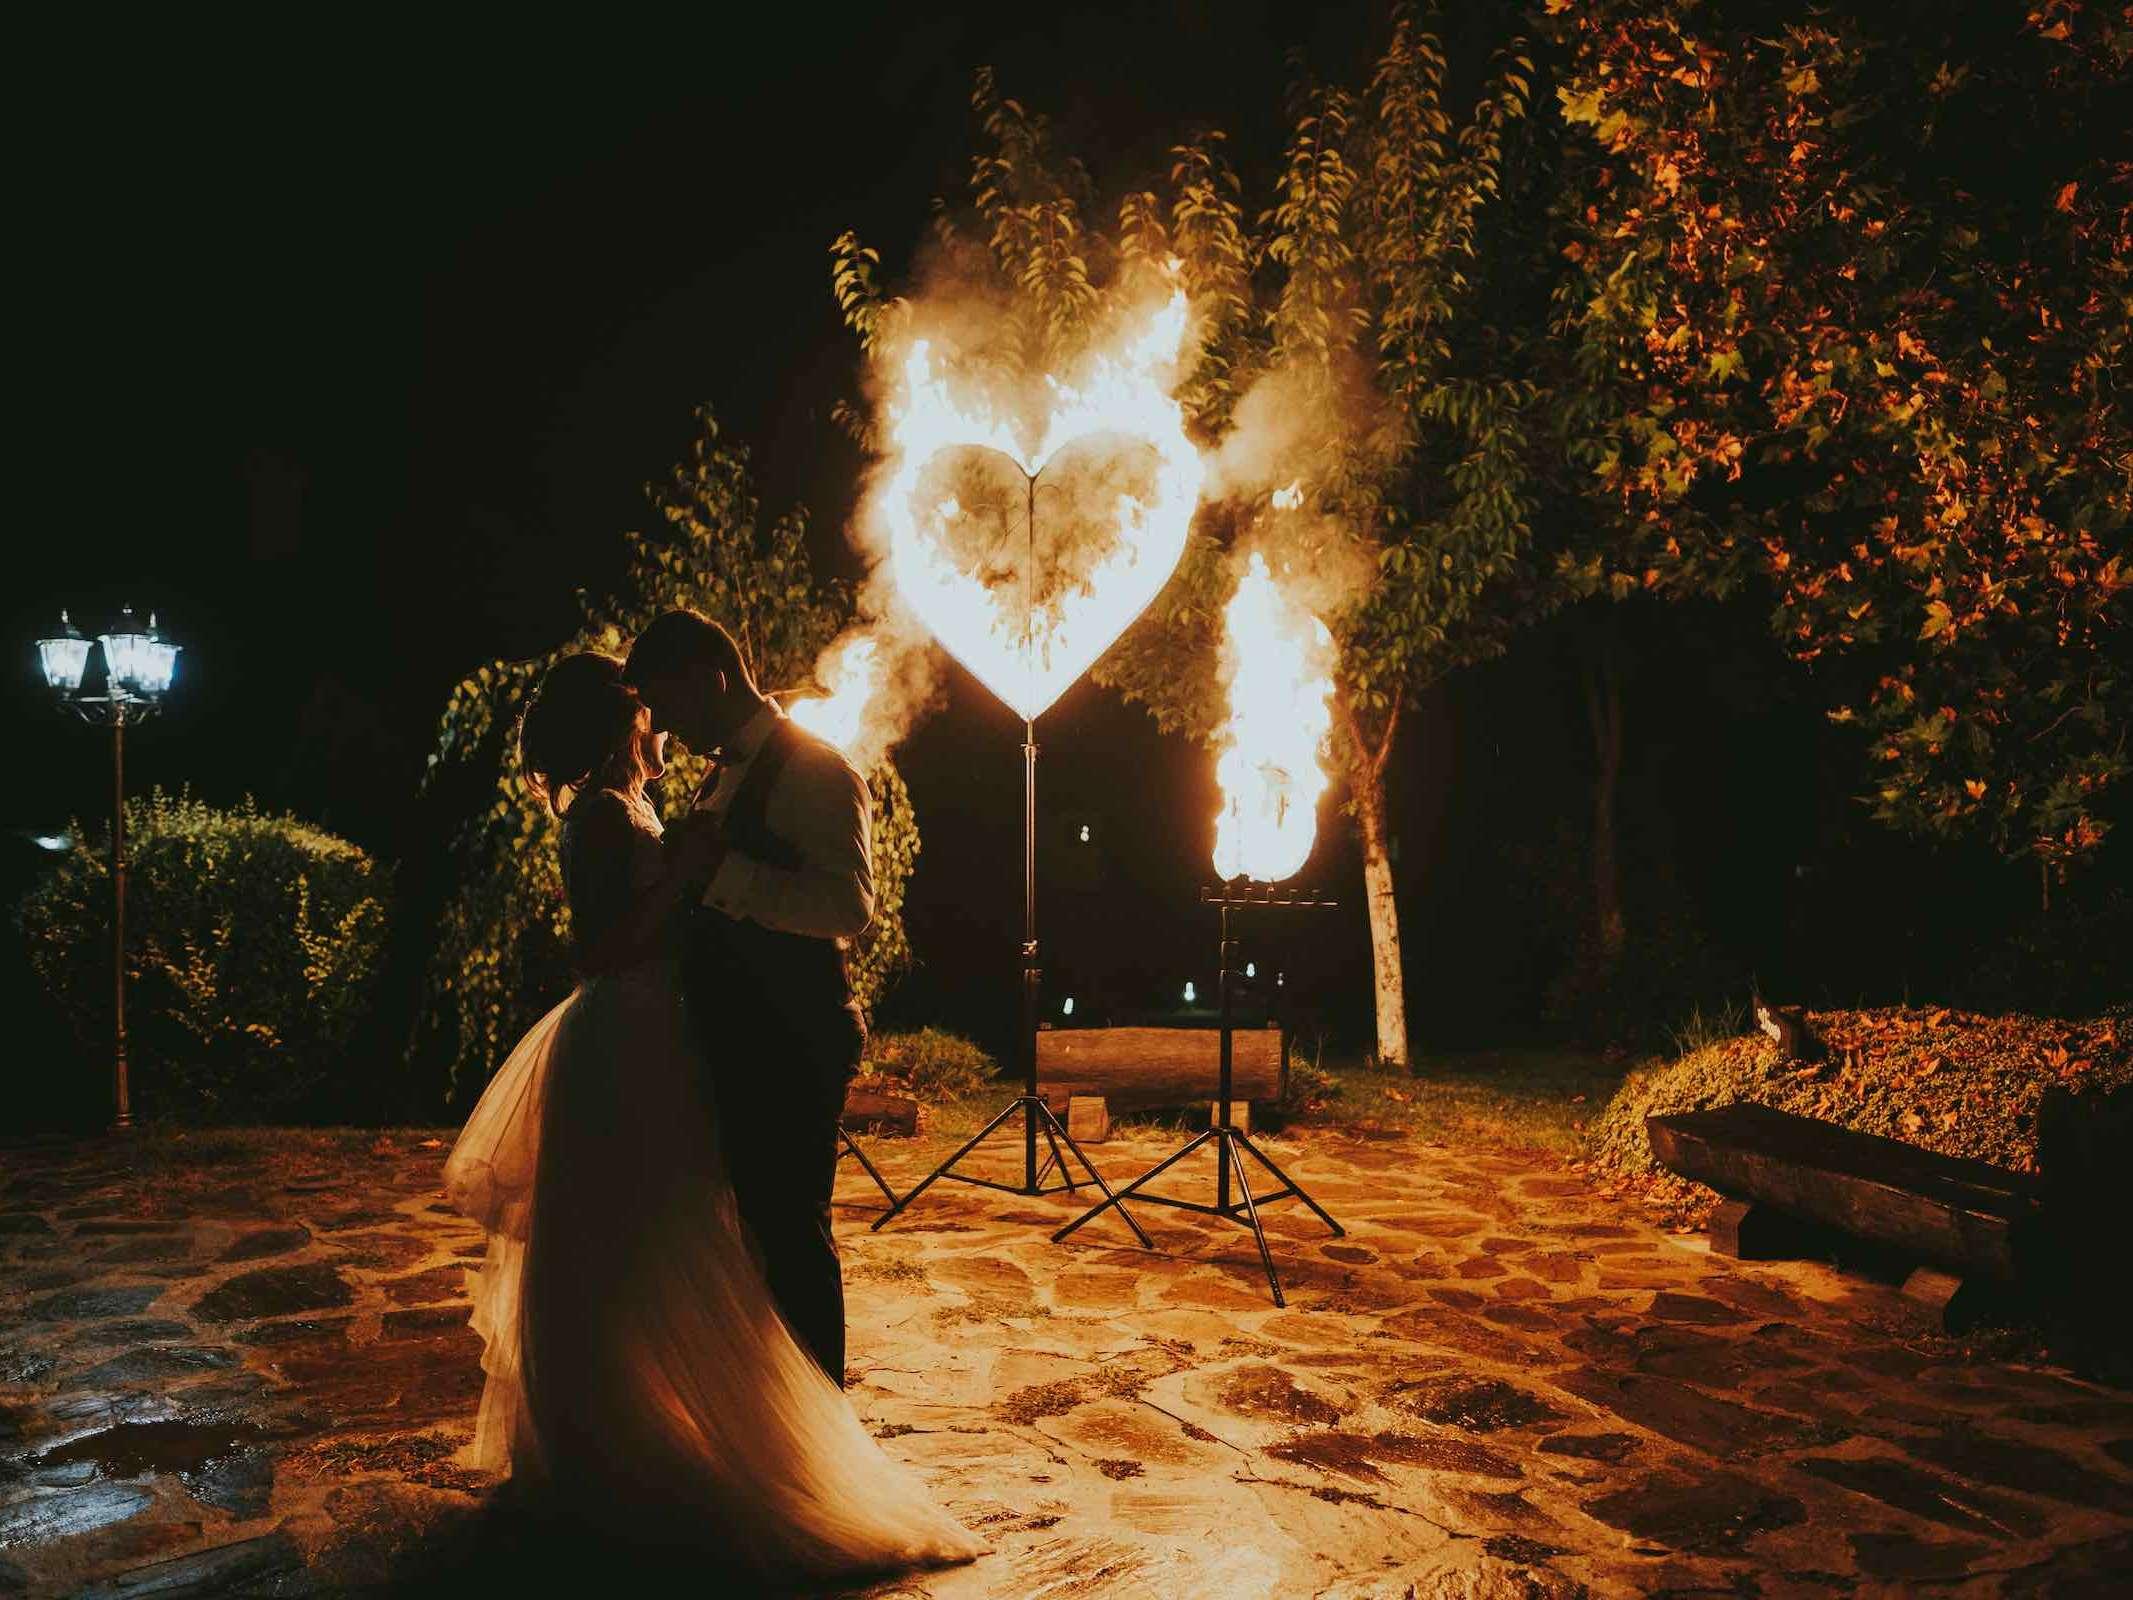 Fotograf | Hochzeit | Hannover | Hochzeits | Fotograf | Hildesheim | Hameln | Hannover | Celle | Peine | Fotograf | Braunschweig | Hochzeit | Hochzeitsfotografie | Fotografie | Mieten | Buchen | Lehmann | Eventservice.